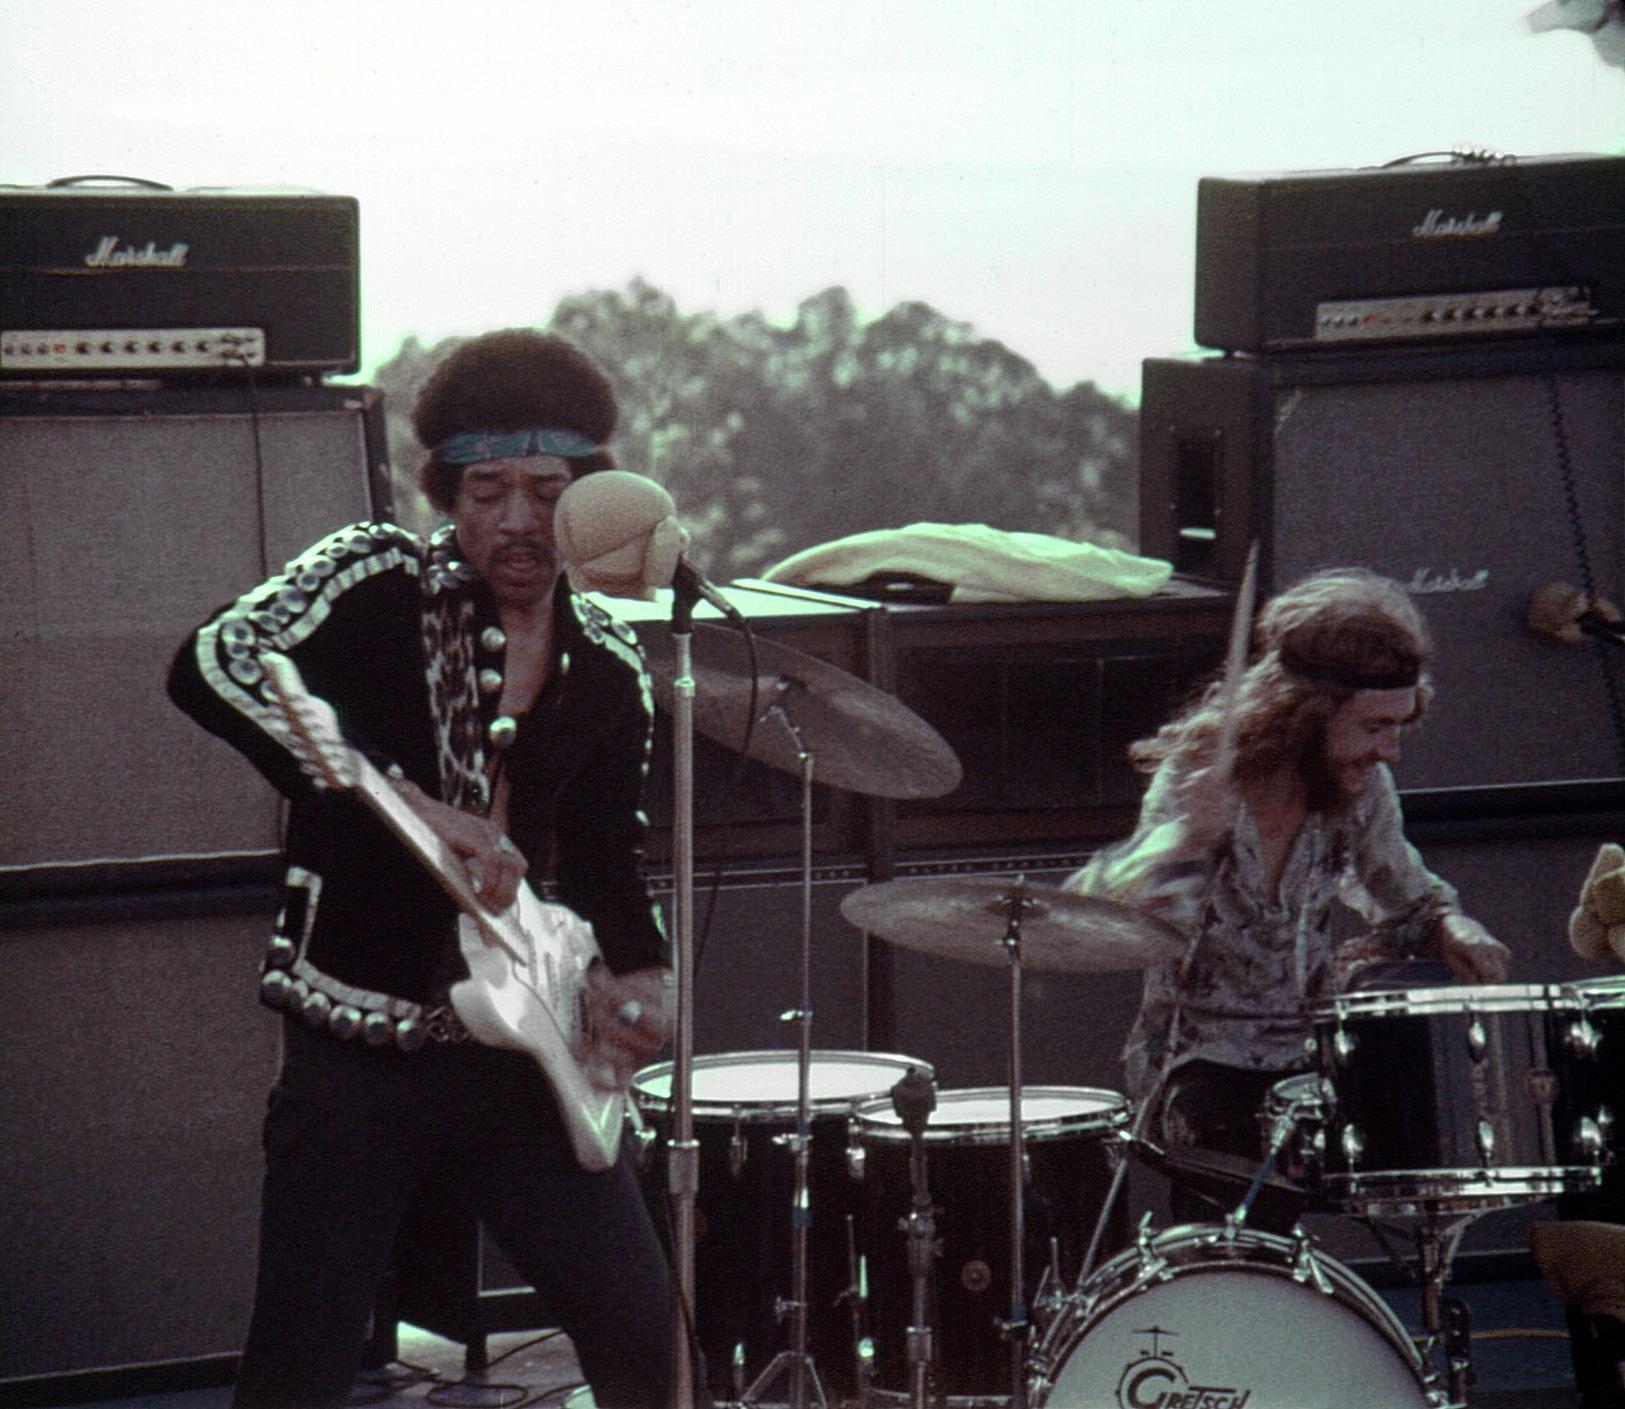 Maui (Haleakala Crater) : 30 juillet 1970 [Second concert] Ec326fa7c616e698e38d8c116fe9f084